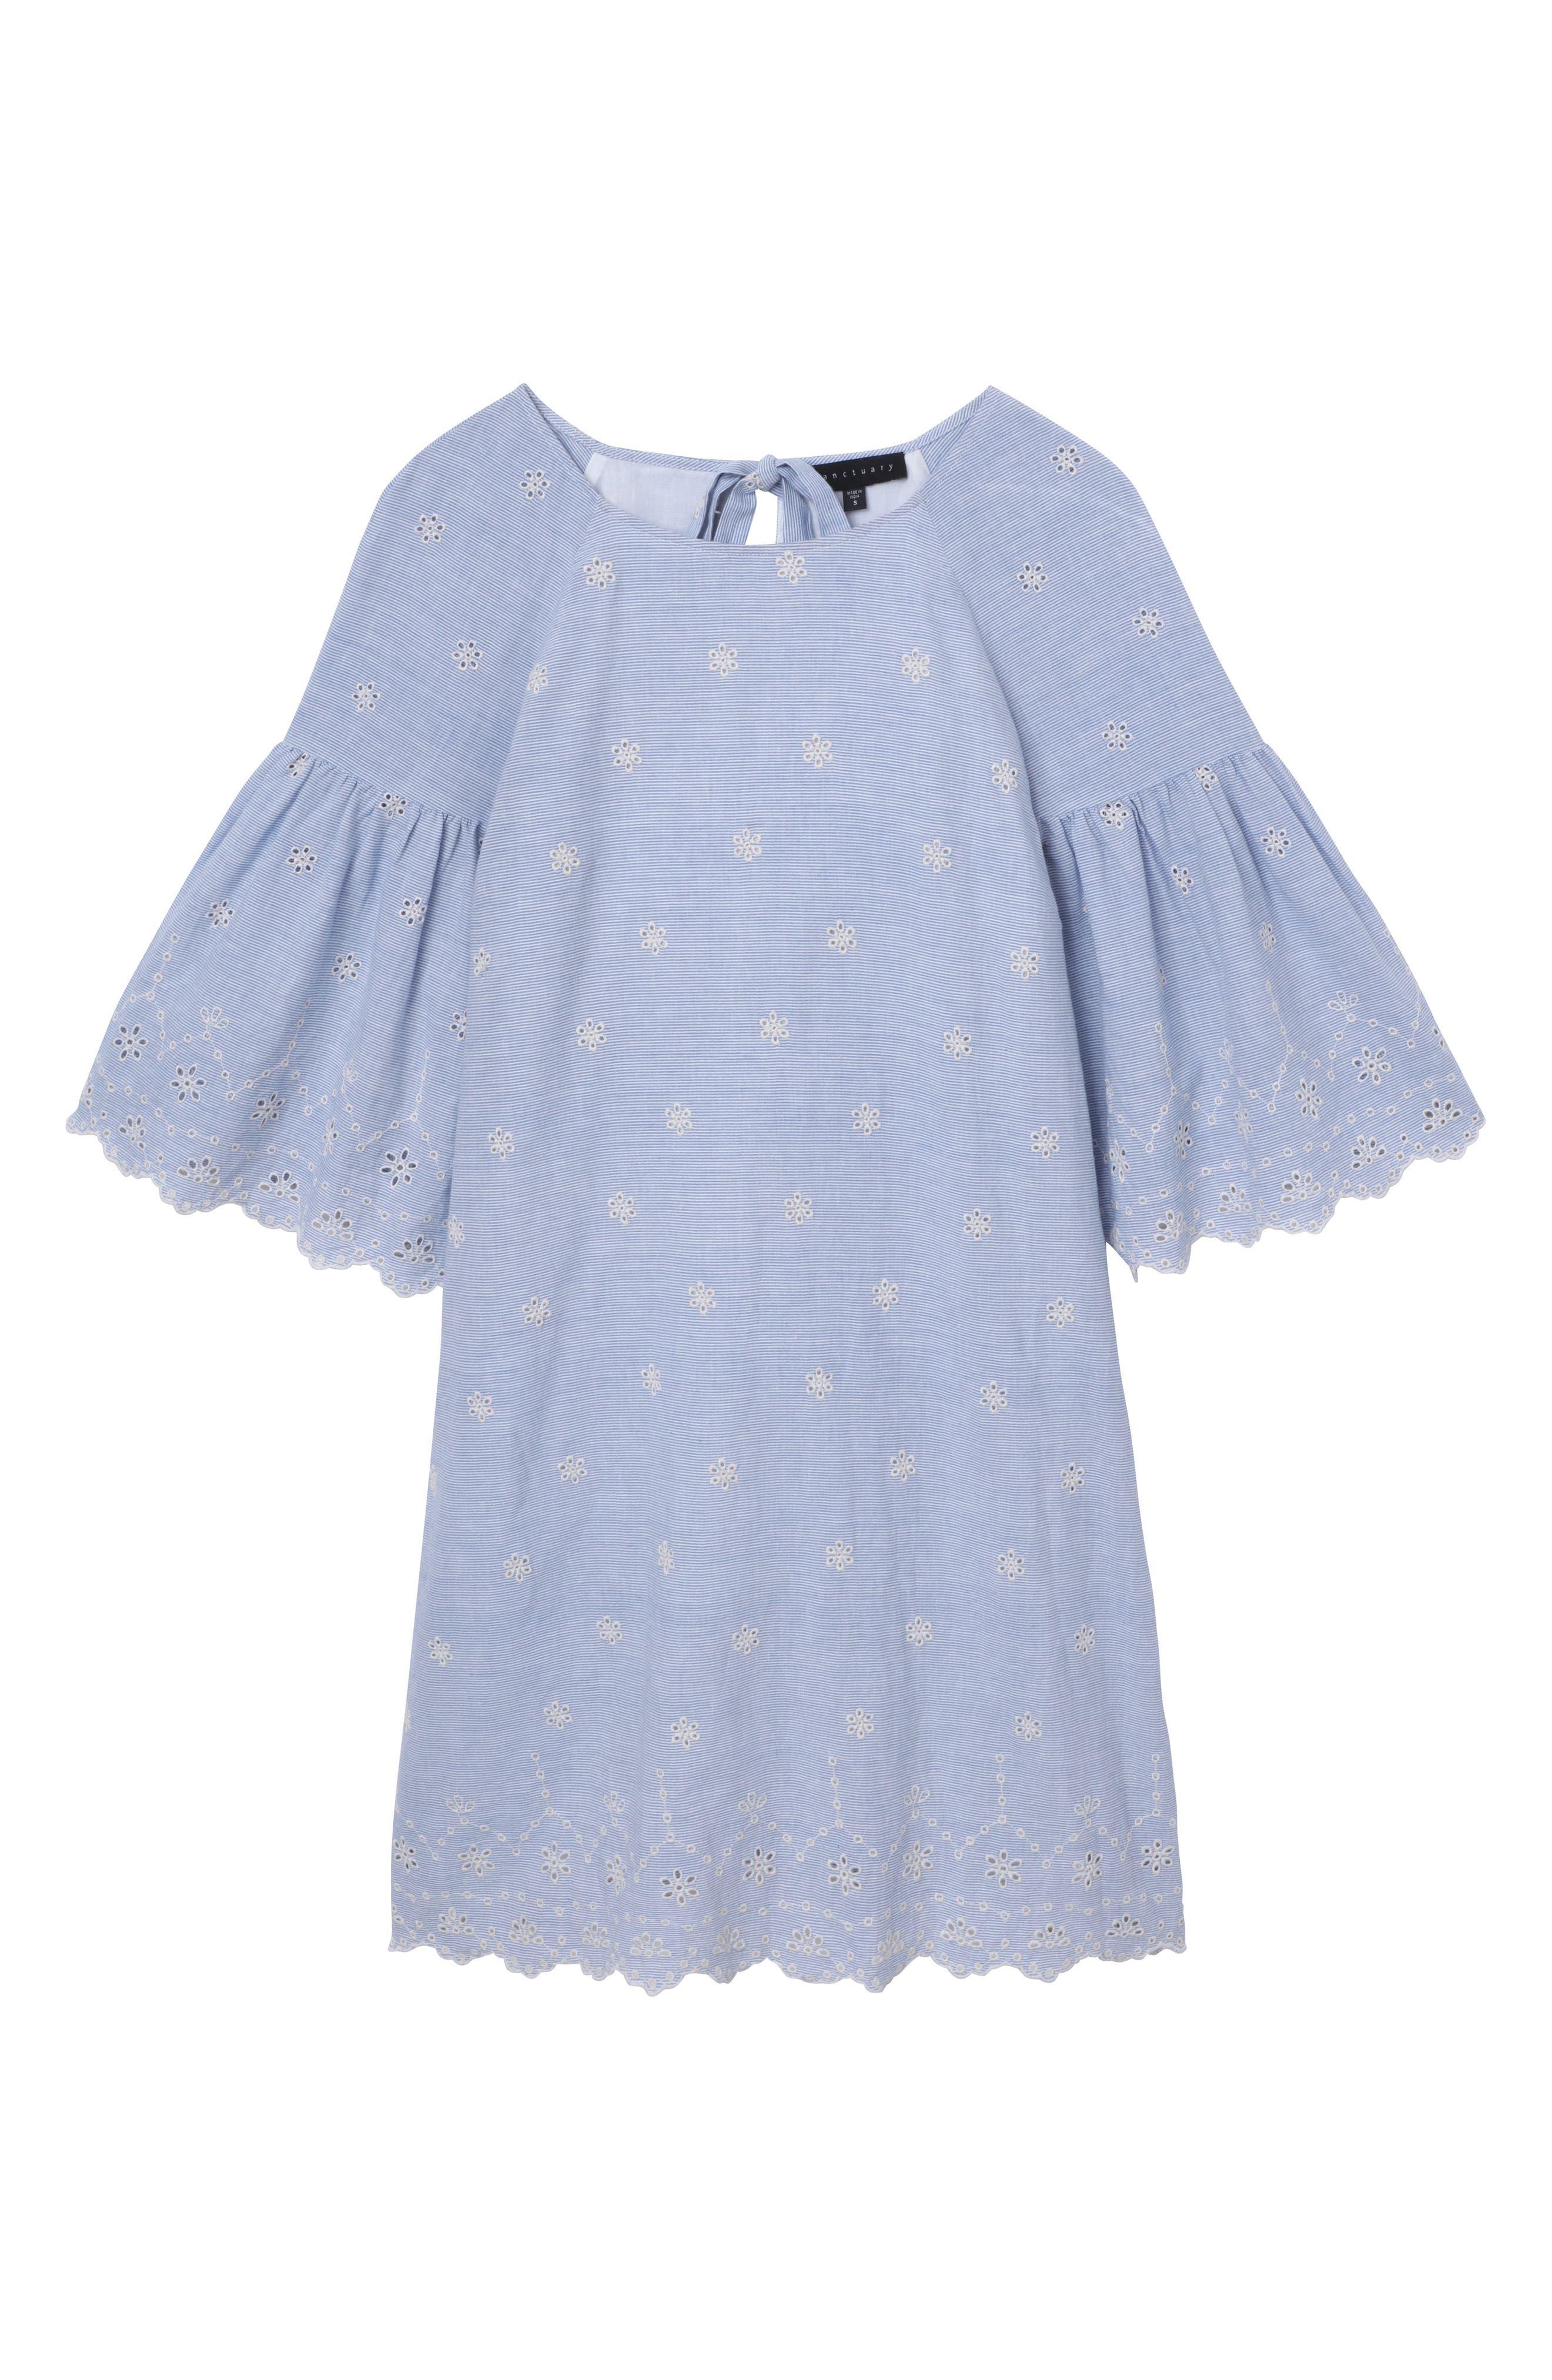 Bellflower Day Dress,                             Alternate thumbnail 3, color,                             496